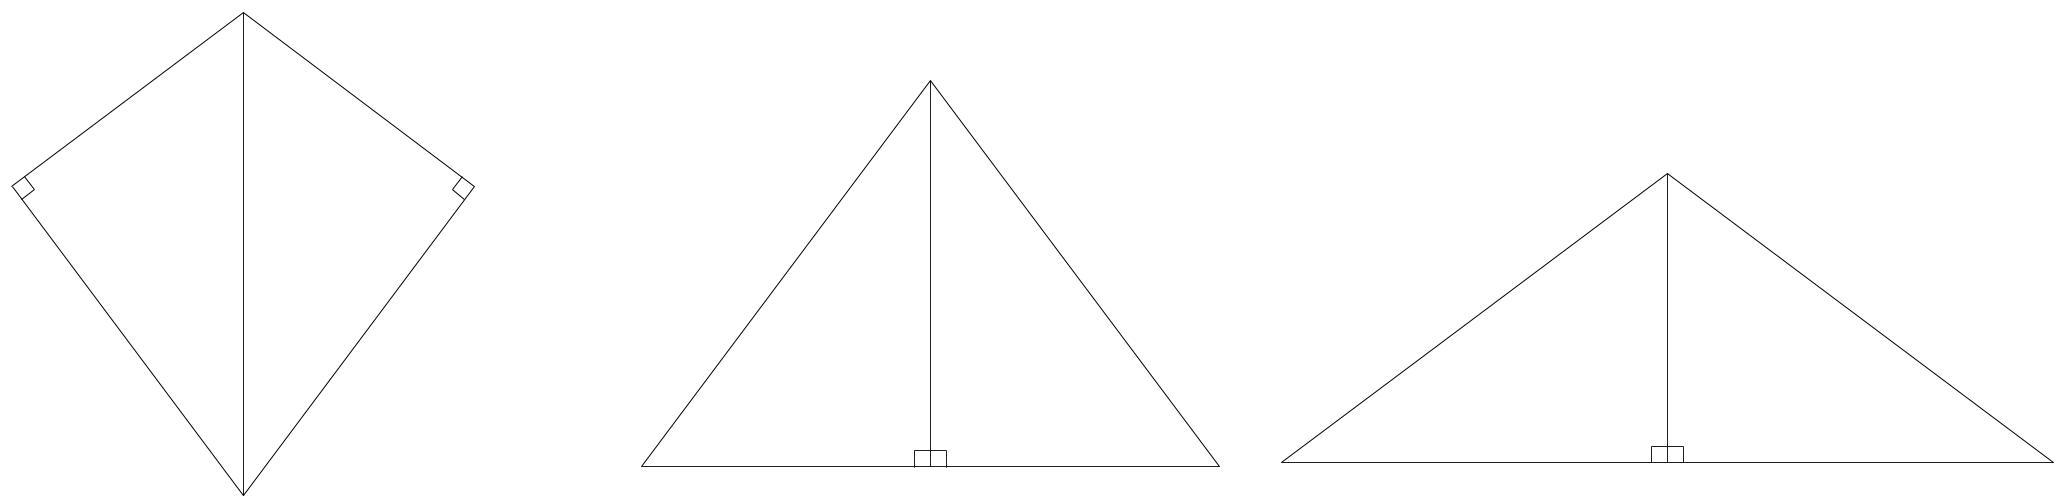 中学受験算数カンガープリント 直角三角形3:4:5 7:24:25 078